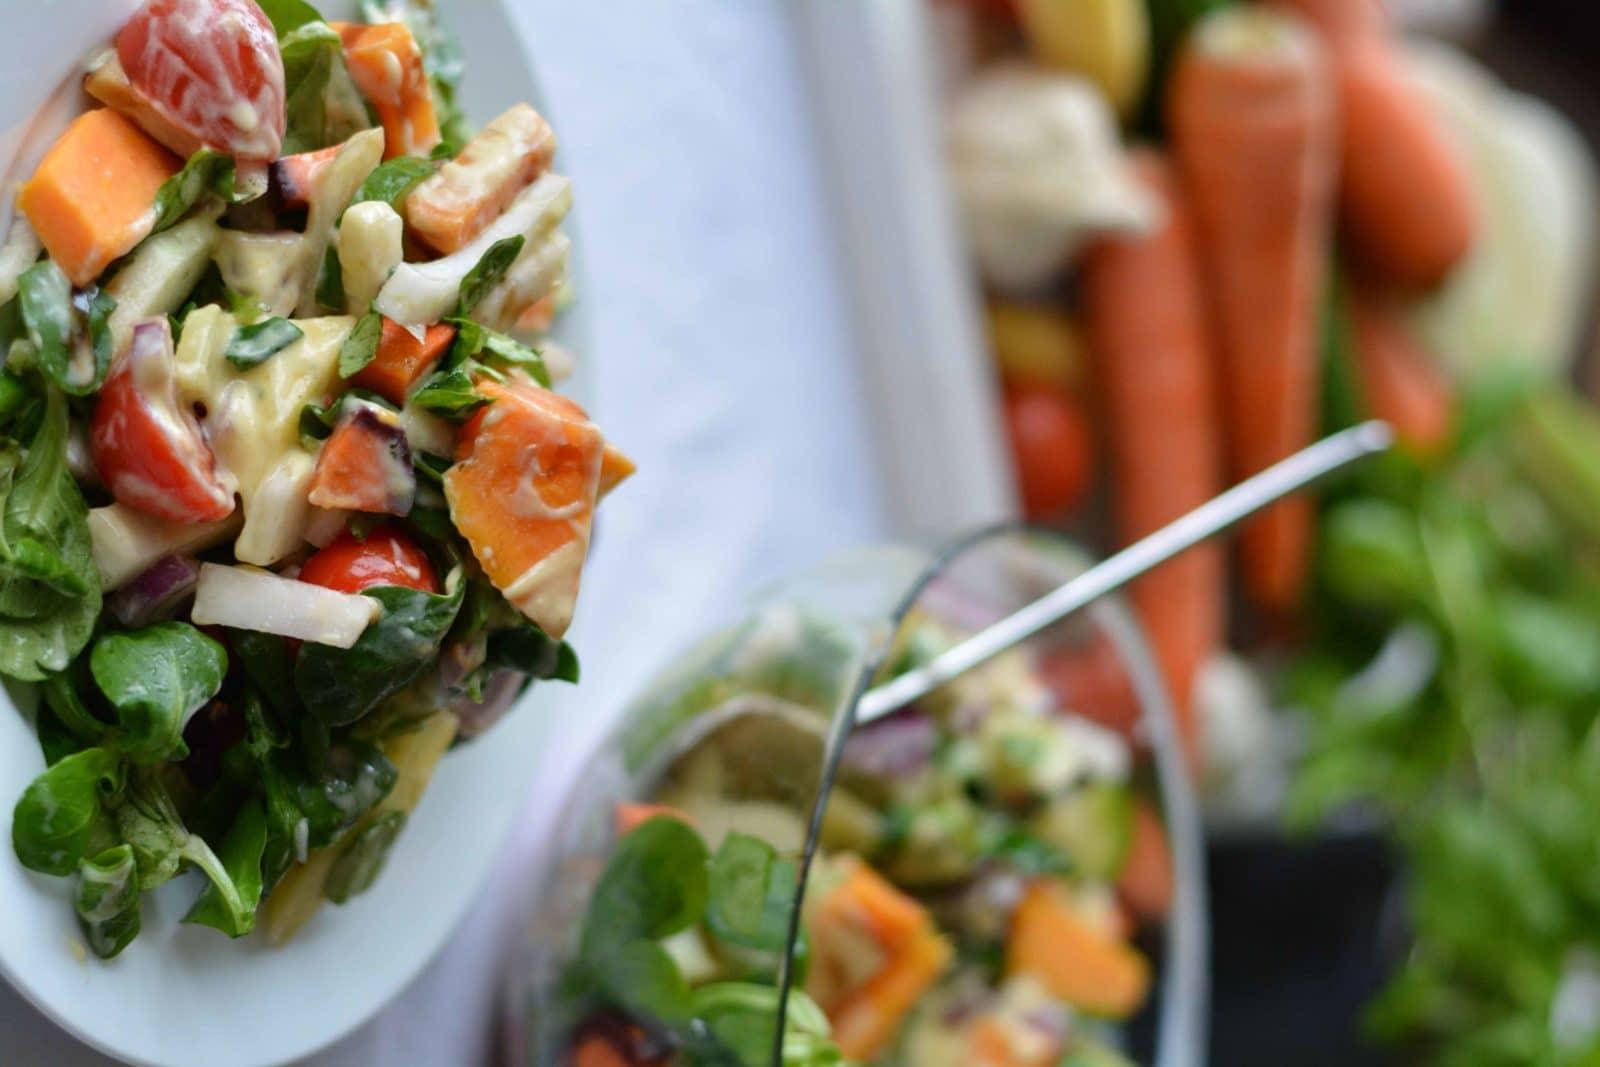 Knackiger Feldsalat mit Fenchel, bunten Möhren und Süßkartoffeln